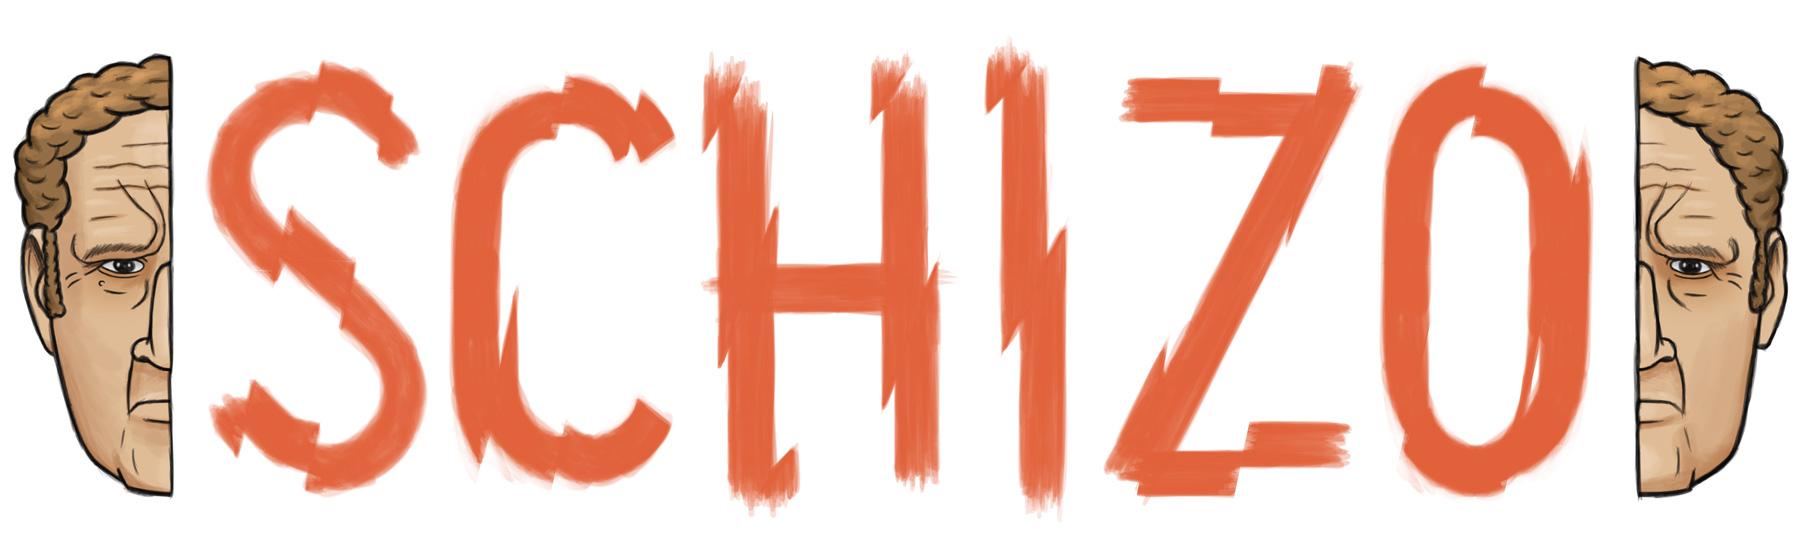 schizo-1976-jack-watson